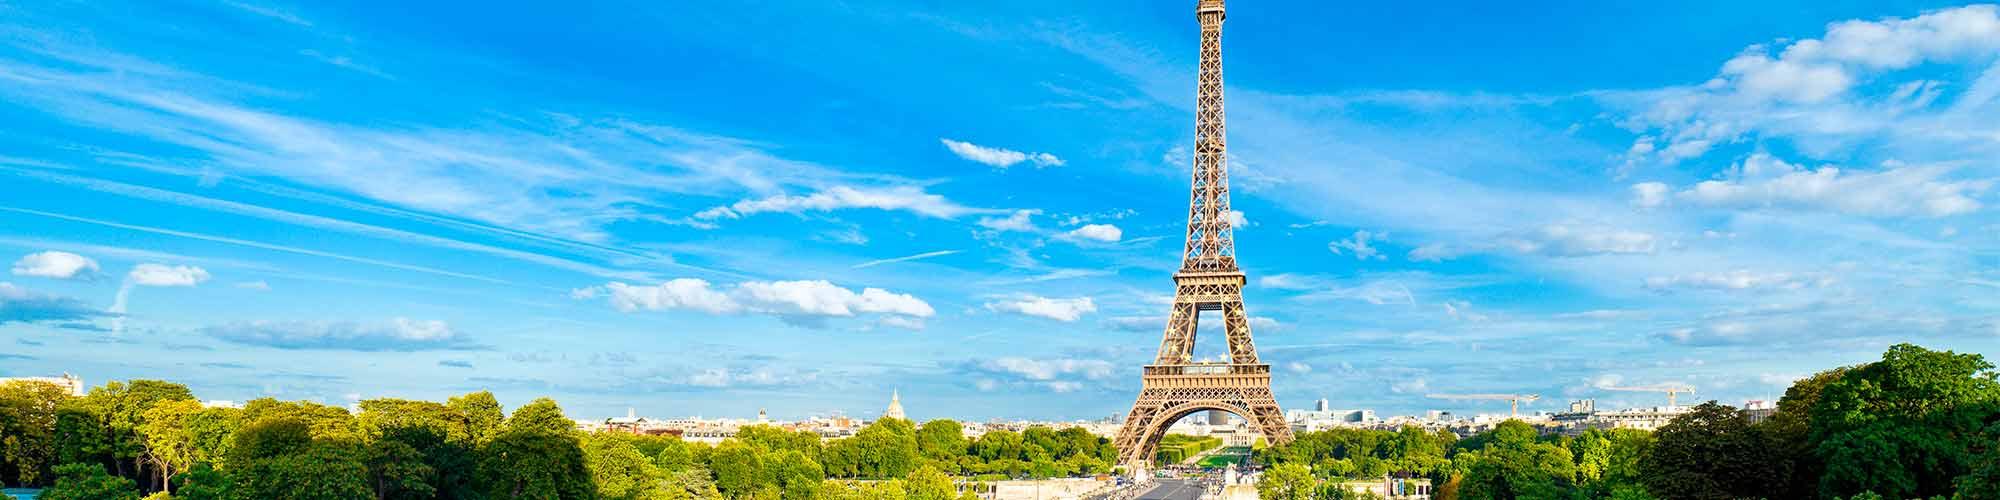 París de Cine- EL PAÍS Viajes